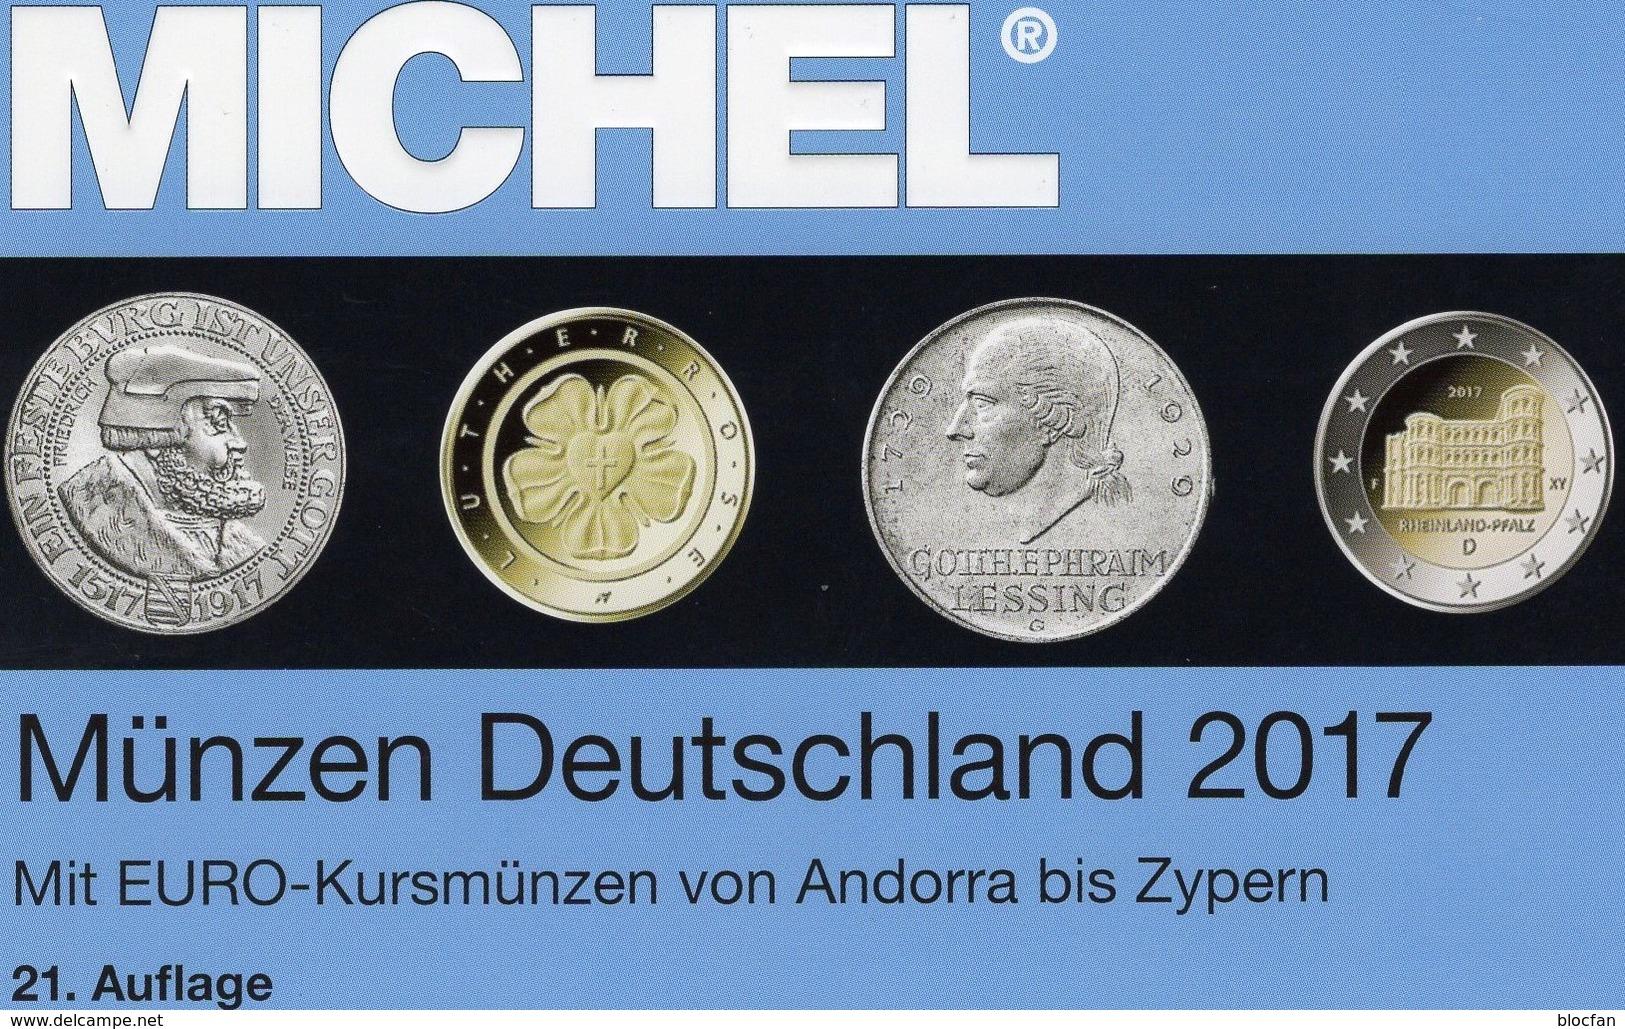 MICHEL Münzen Ab 1871 Deutschland/EU 2017 New 29€ D DR 3.Reich BRD DDR Numismatik Coins Catalogue 978-3-95402-193-2 - Cuivres